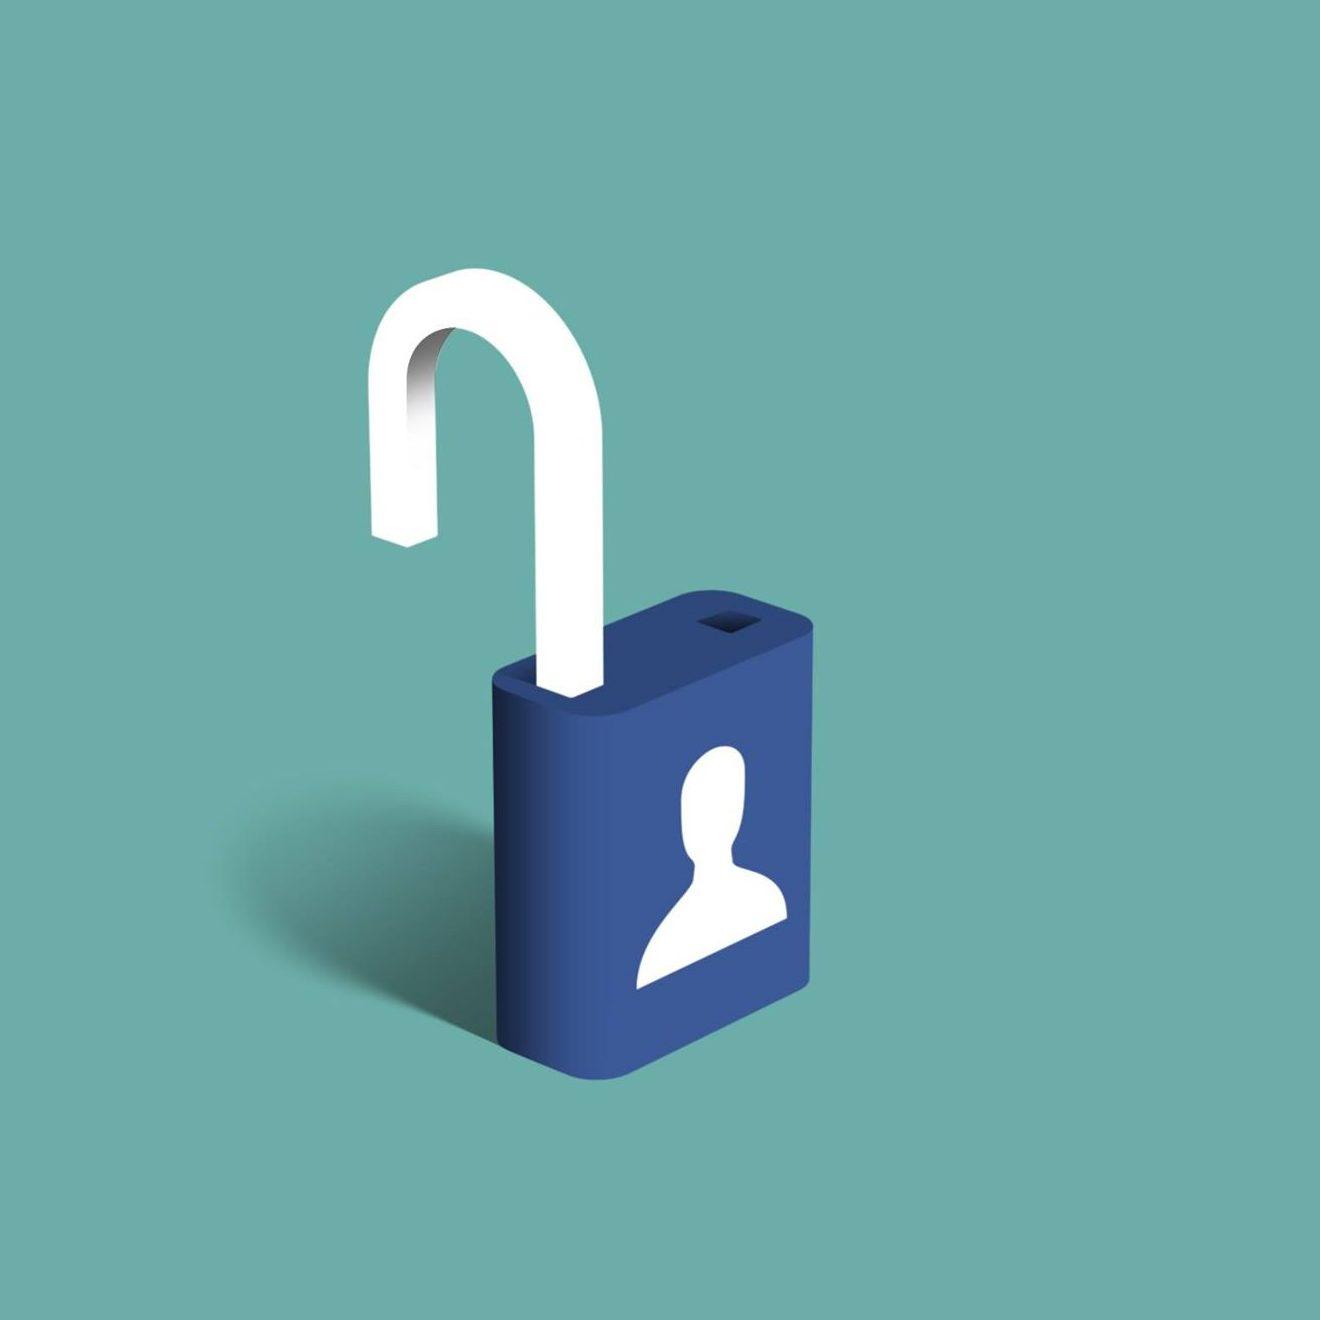 أسهل طريقة لحماية الفيسبوك الخاص بك من الإختراق بدون برامح